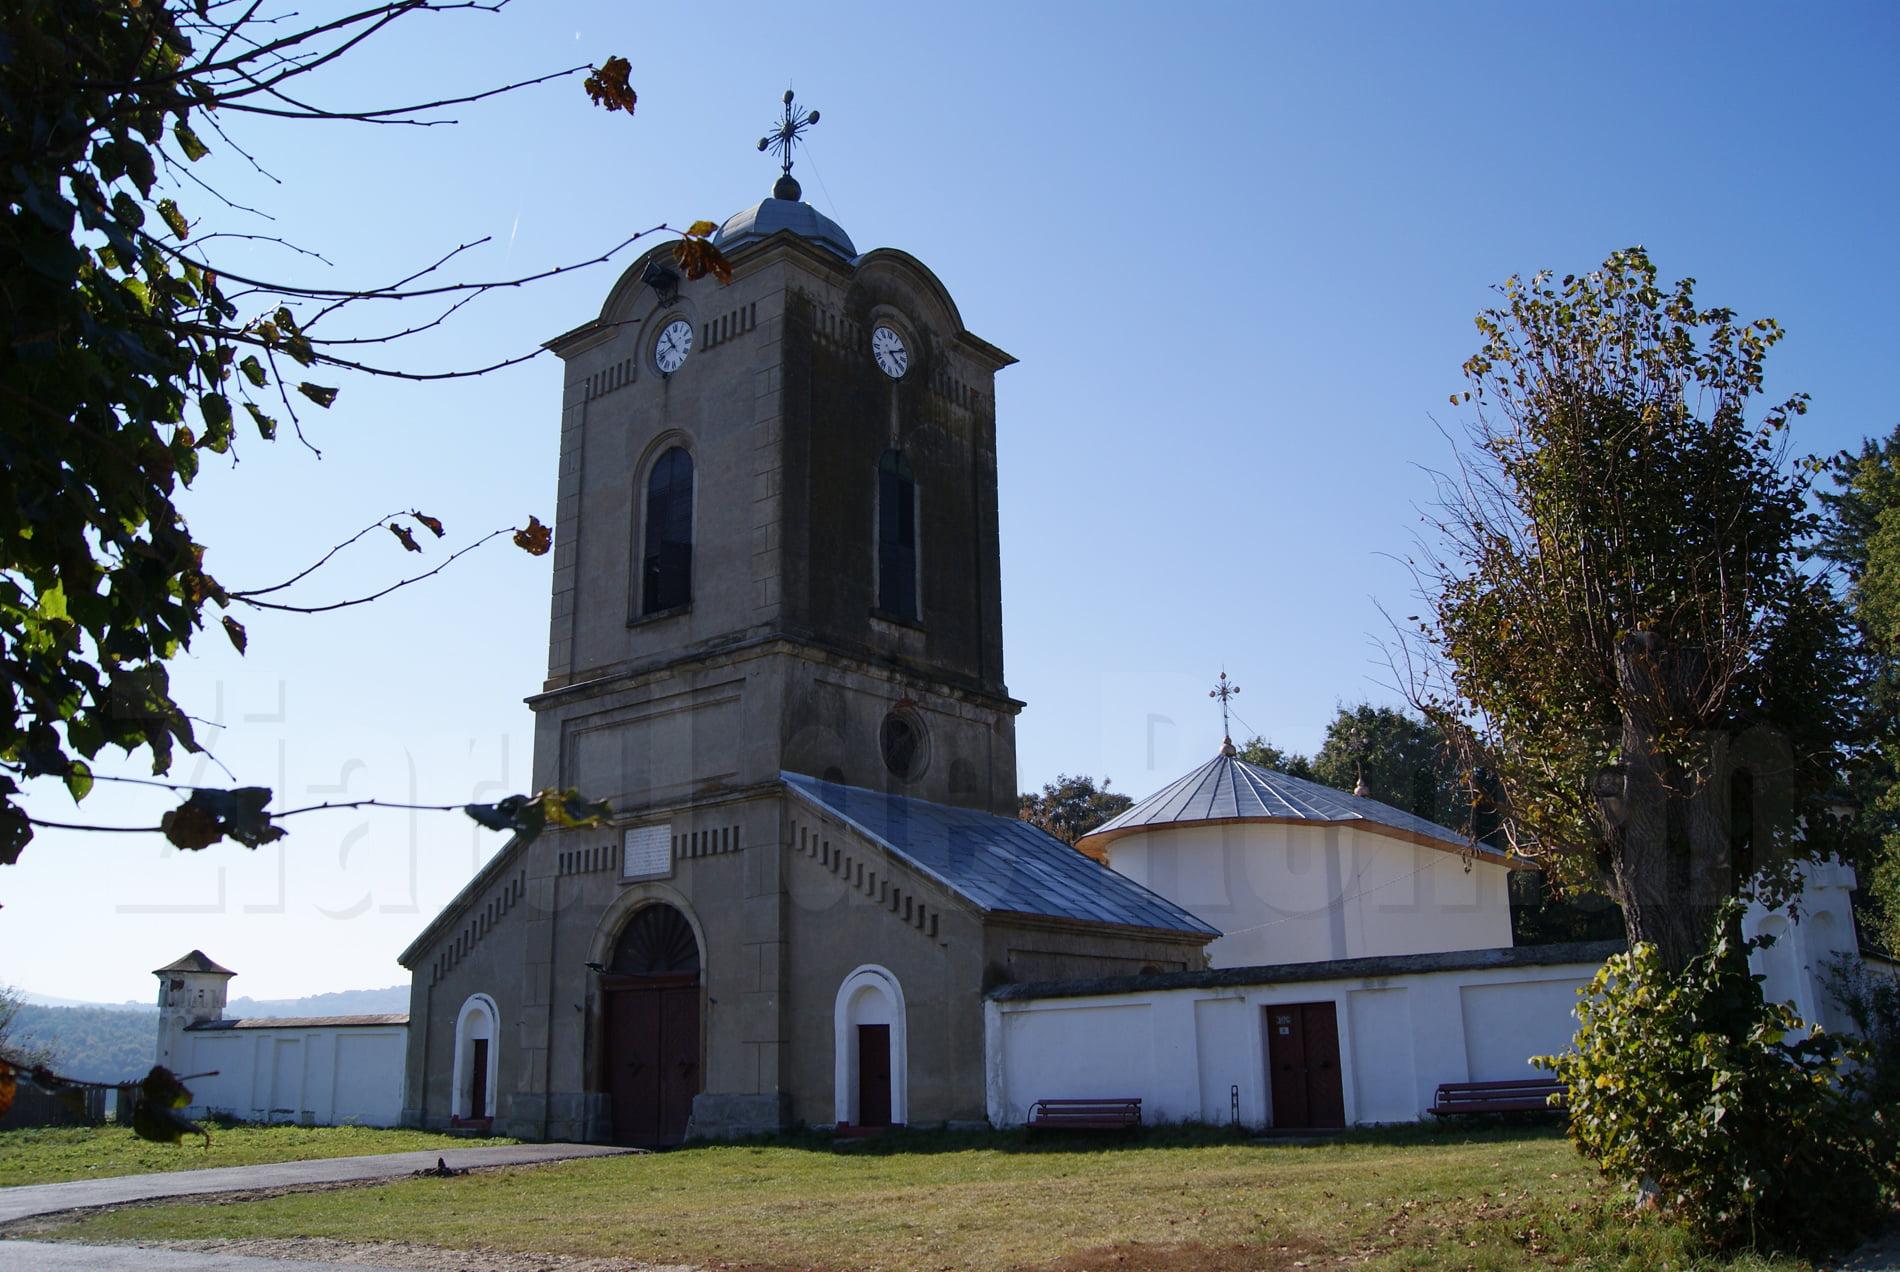 Biserica din Văleni sărbătorește 500 de ani de atestare documentară